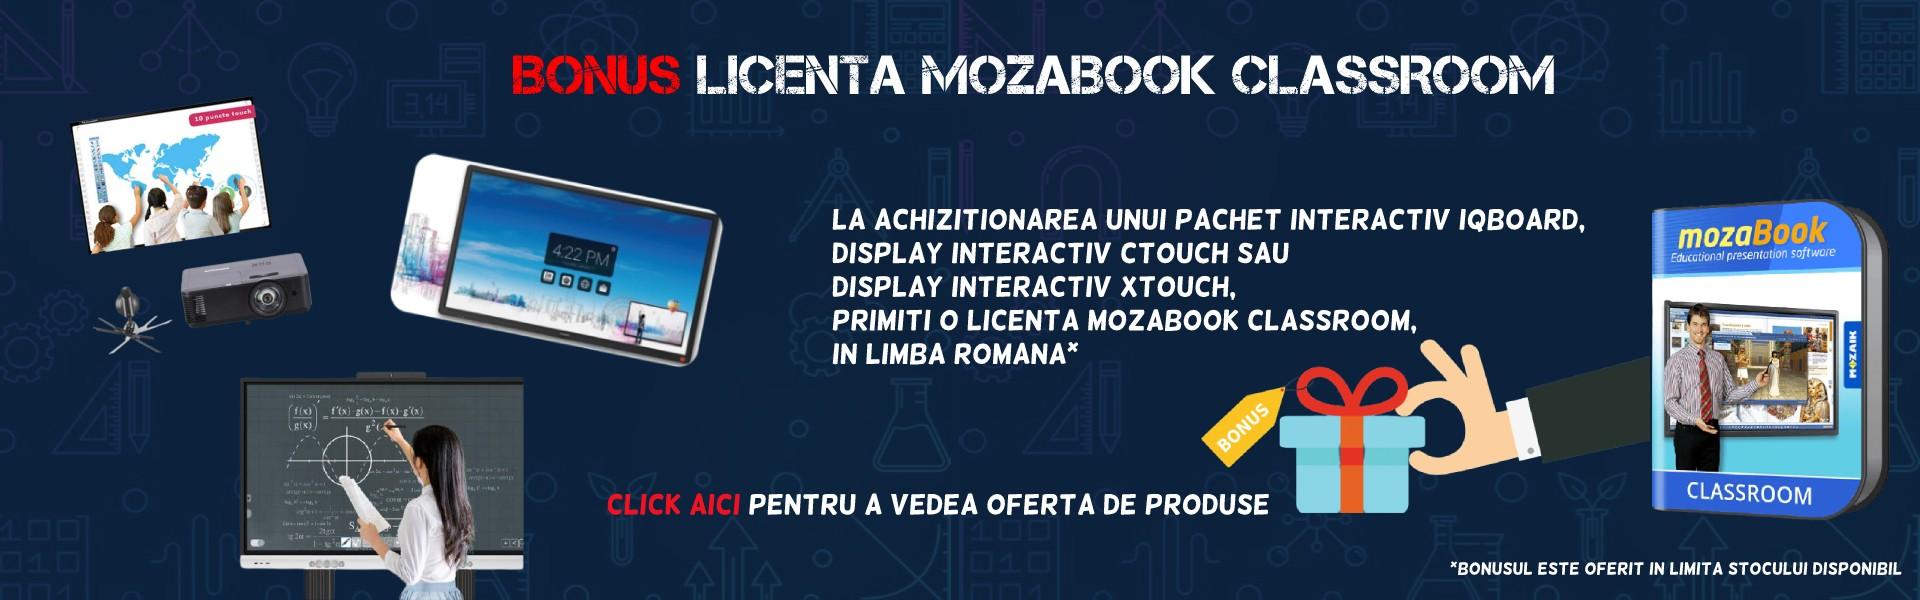 Bonus licenta mozabook classroom gama de produse